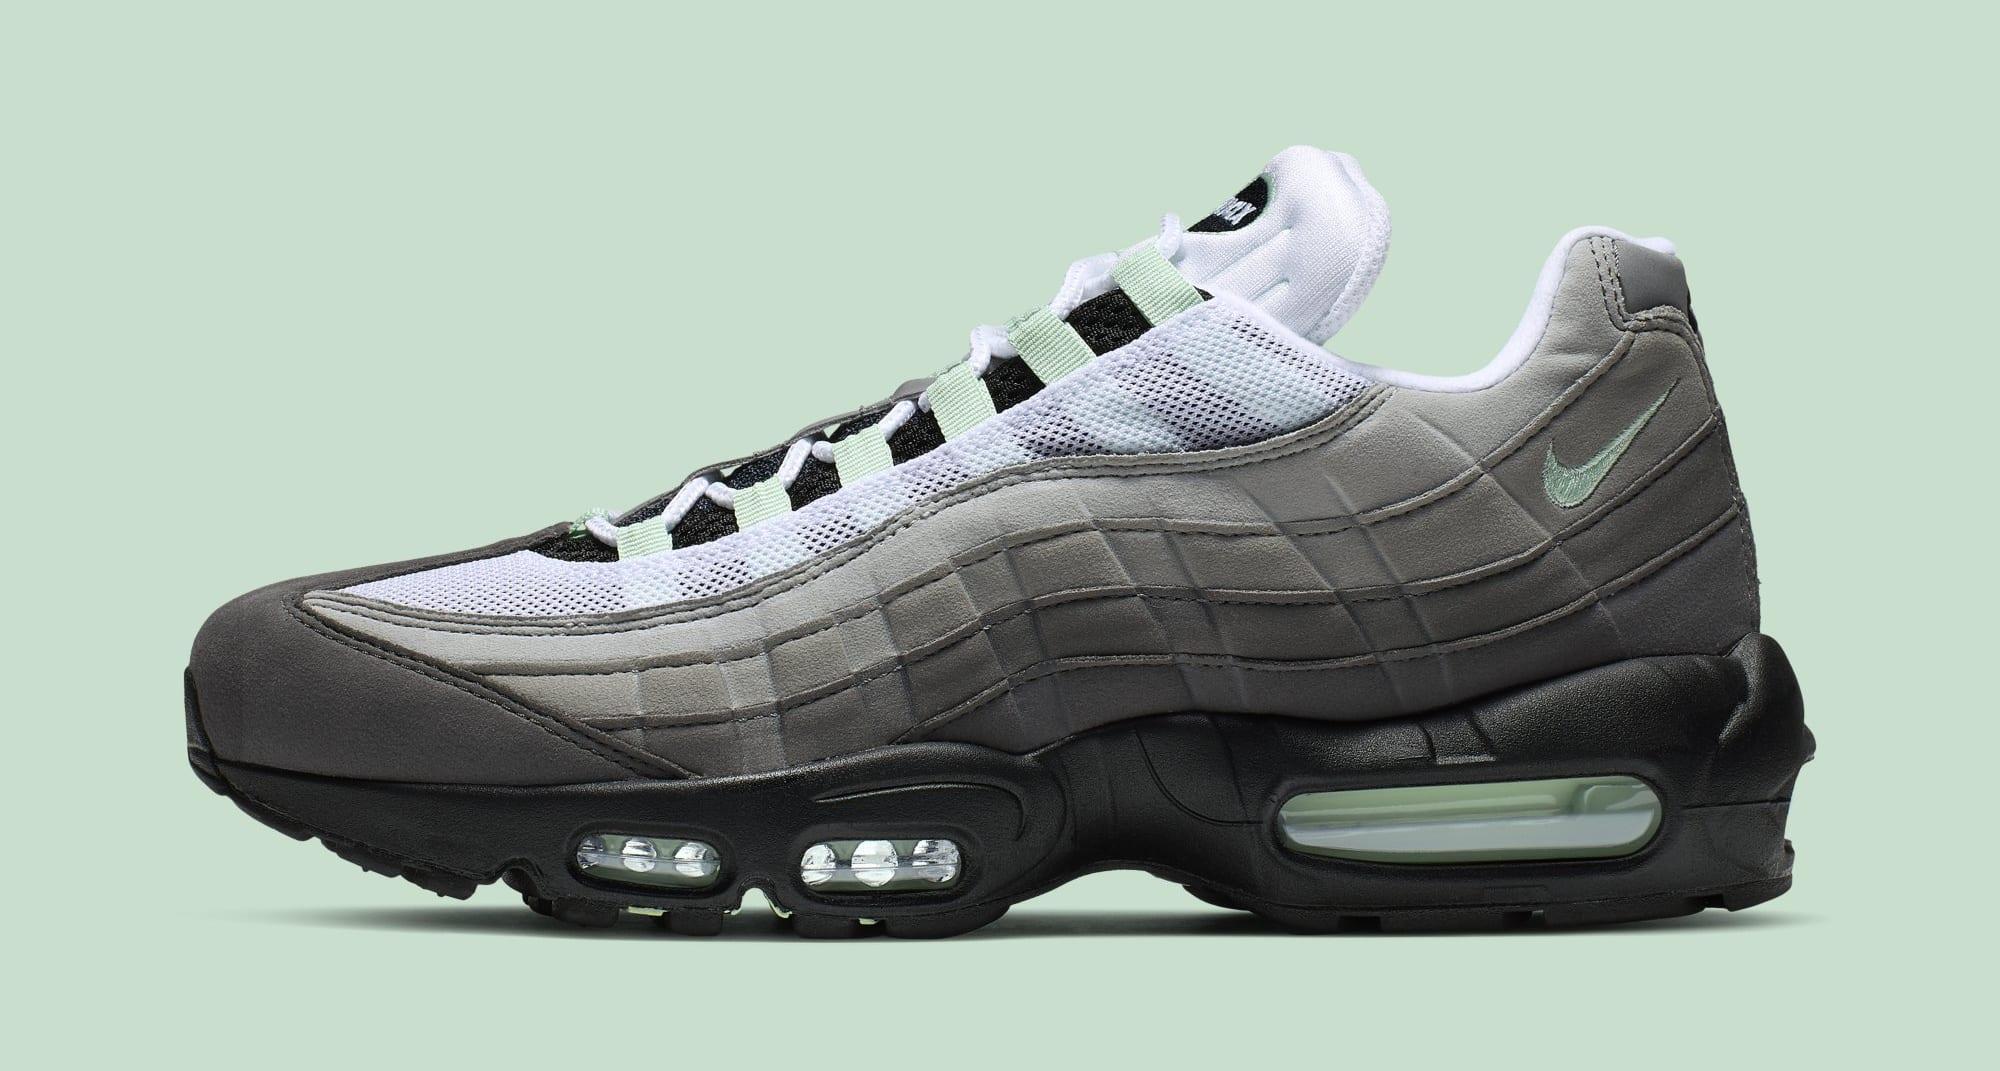 Nike Air Max 95 'Fresh Mint' CD7495-101 (Lateral)